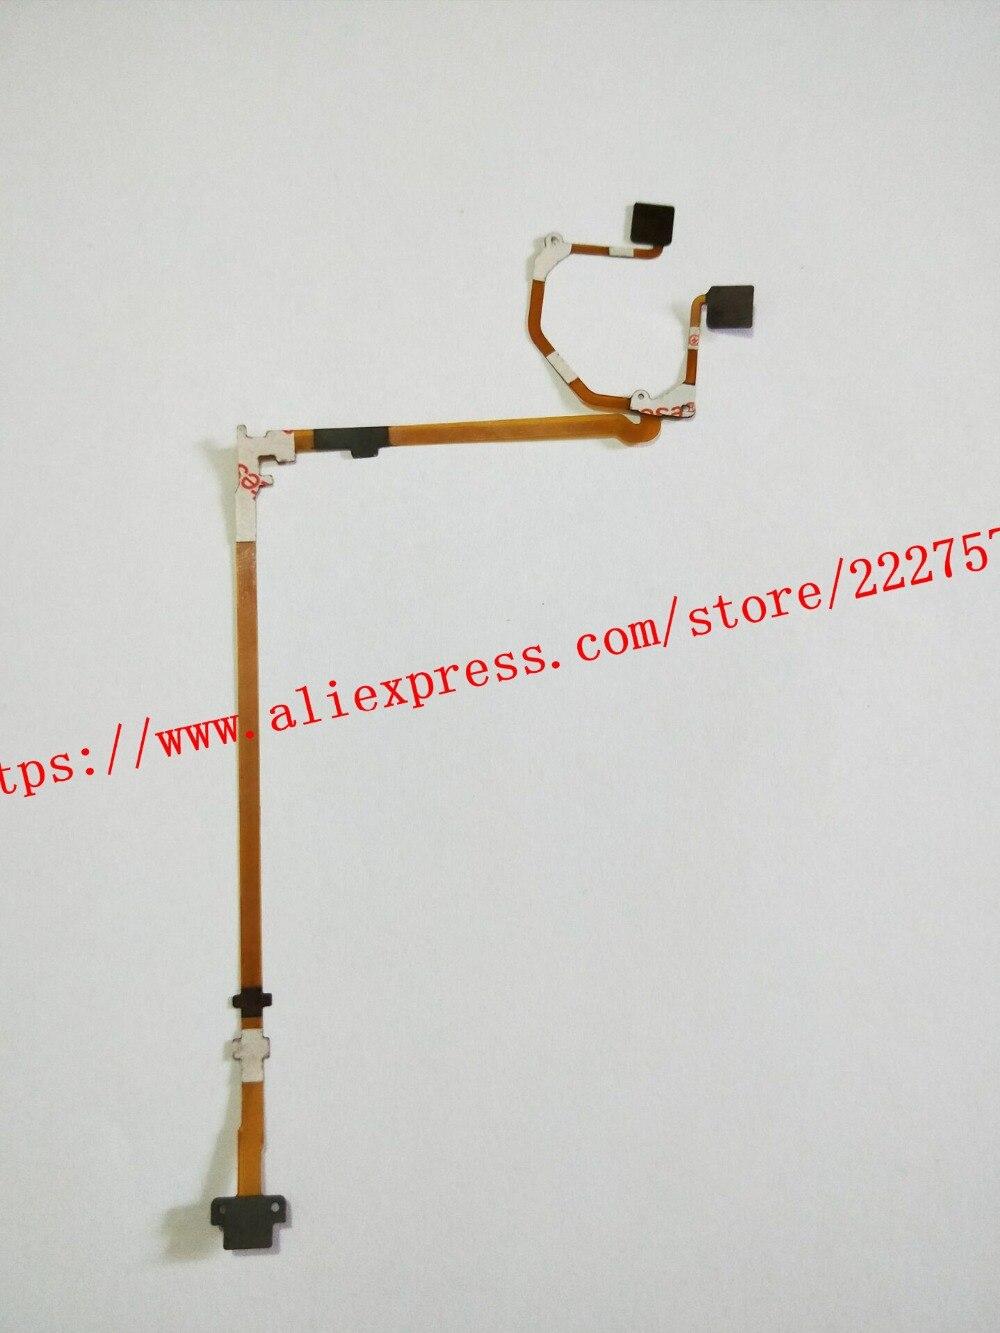 \/NOUVEL Objectif Anti Shake Flex Câble Pour SONY cyber-shot DSC-HX300 DSC-HX400 HX300 HX400 Appareil Photo Numérique réparation Partie